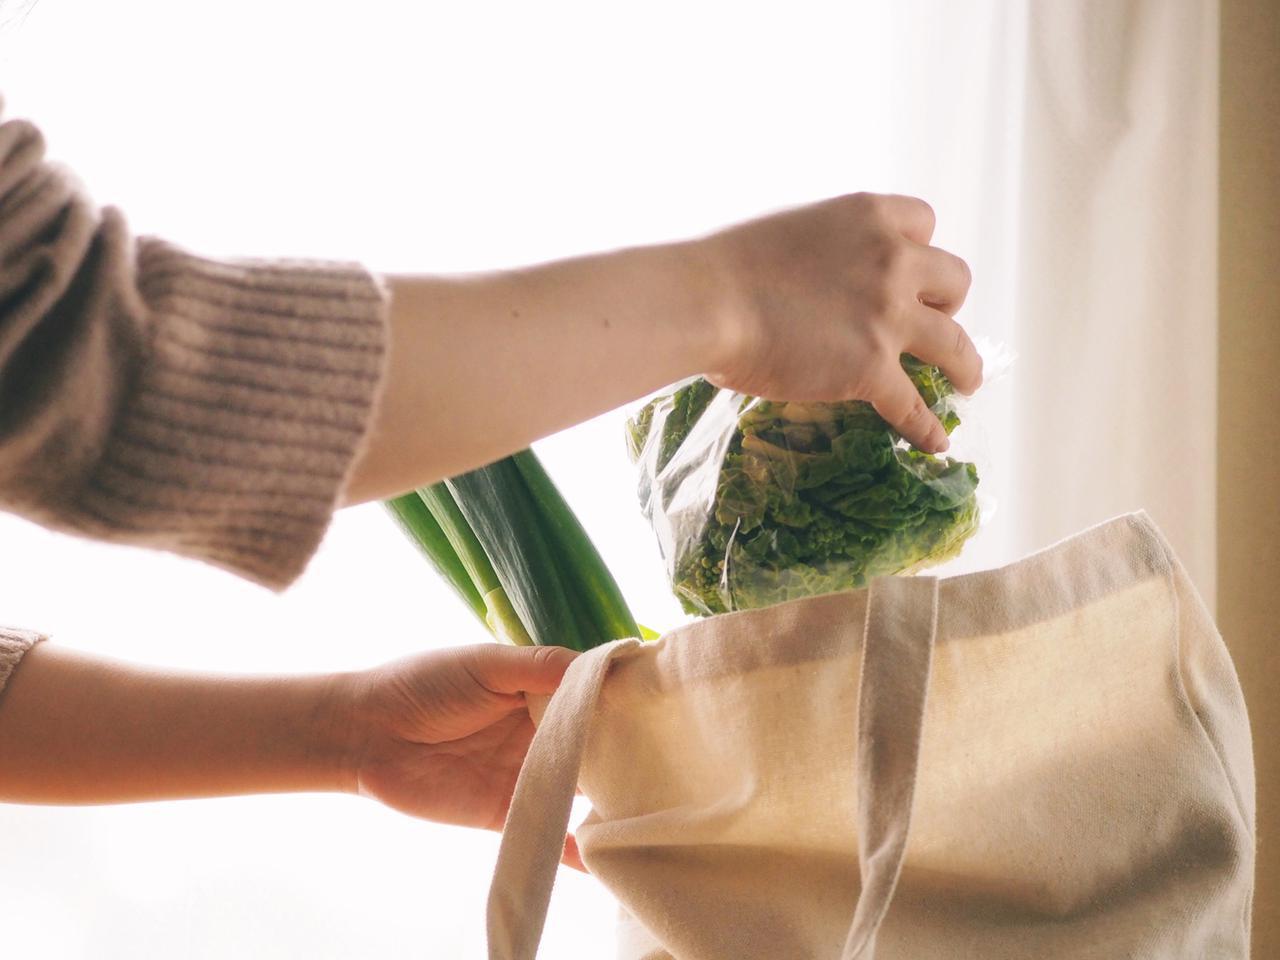 画像2: エコバッグ・ショッピングバッグは欠かせない! 環境&お財布にやさしい! 普段のショッピングもキャンプも◎